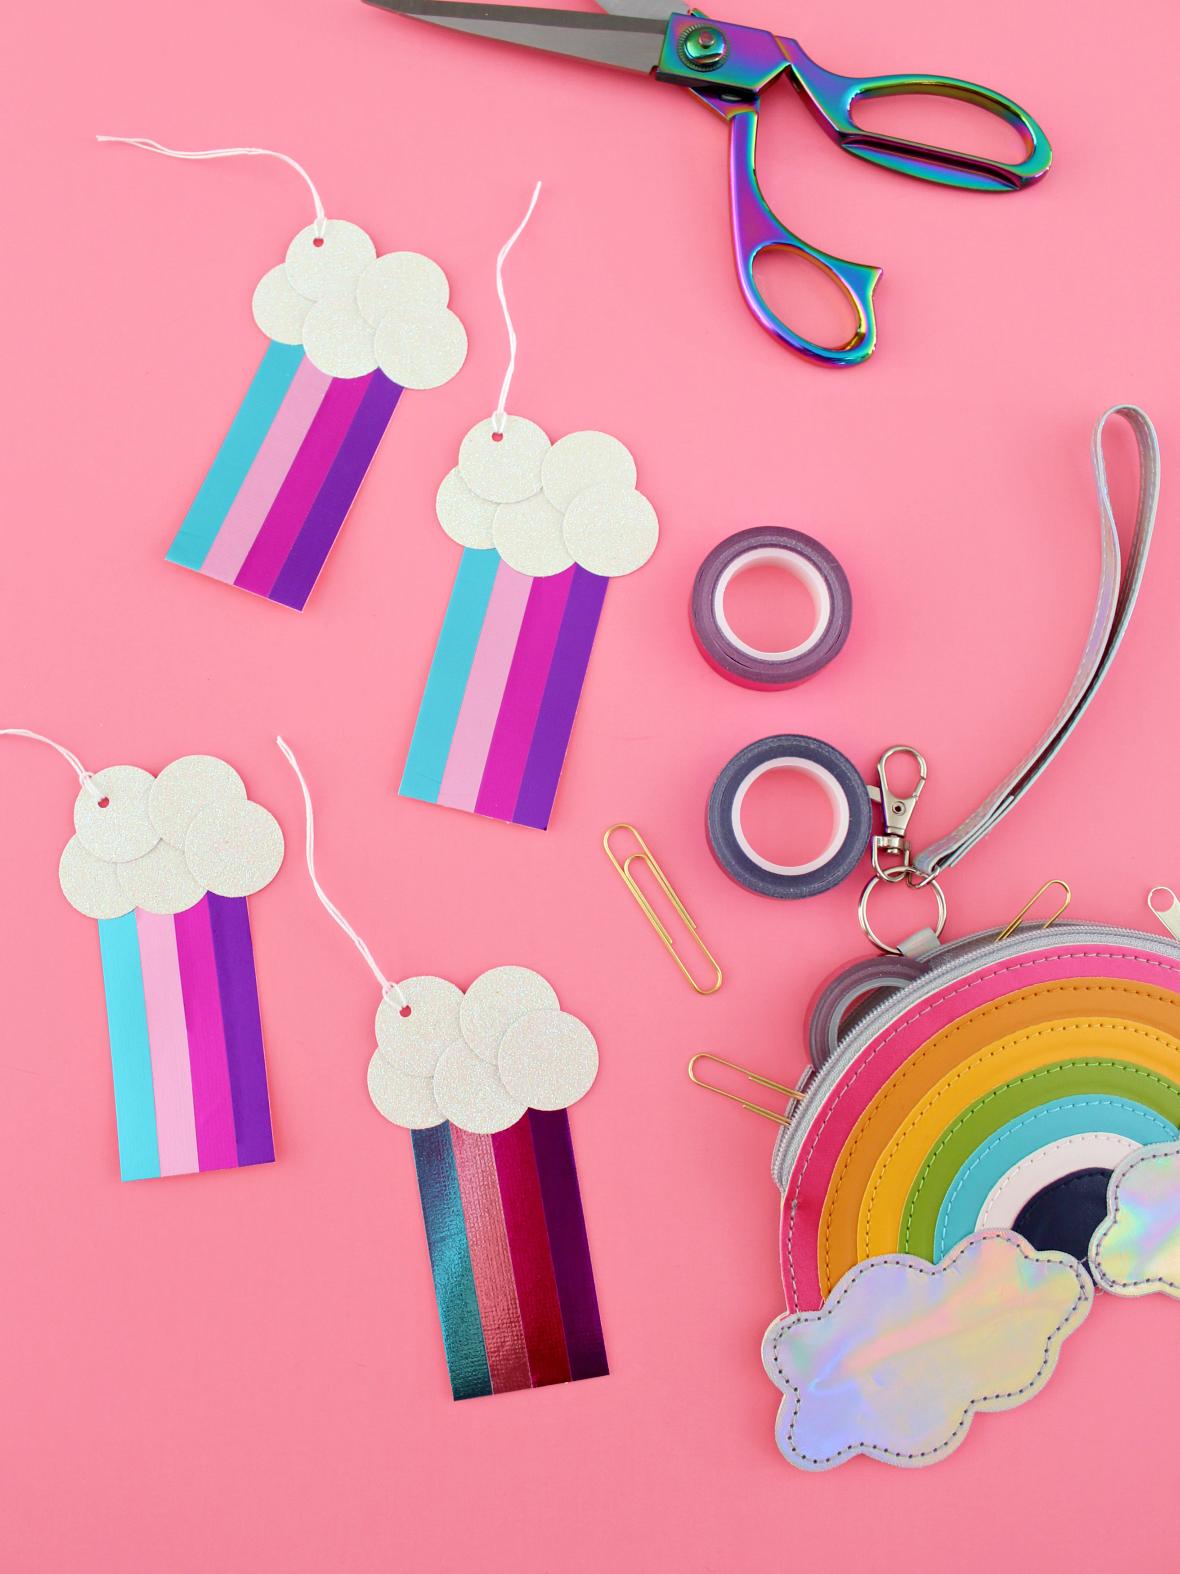 DIY INSPIRATION: RAINBOWS